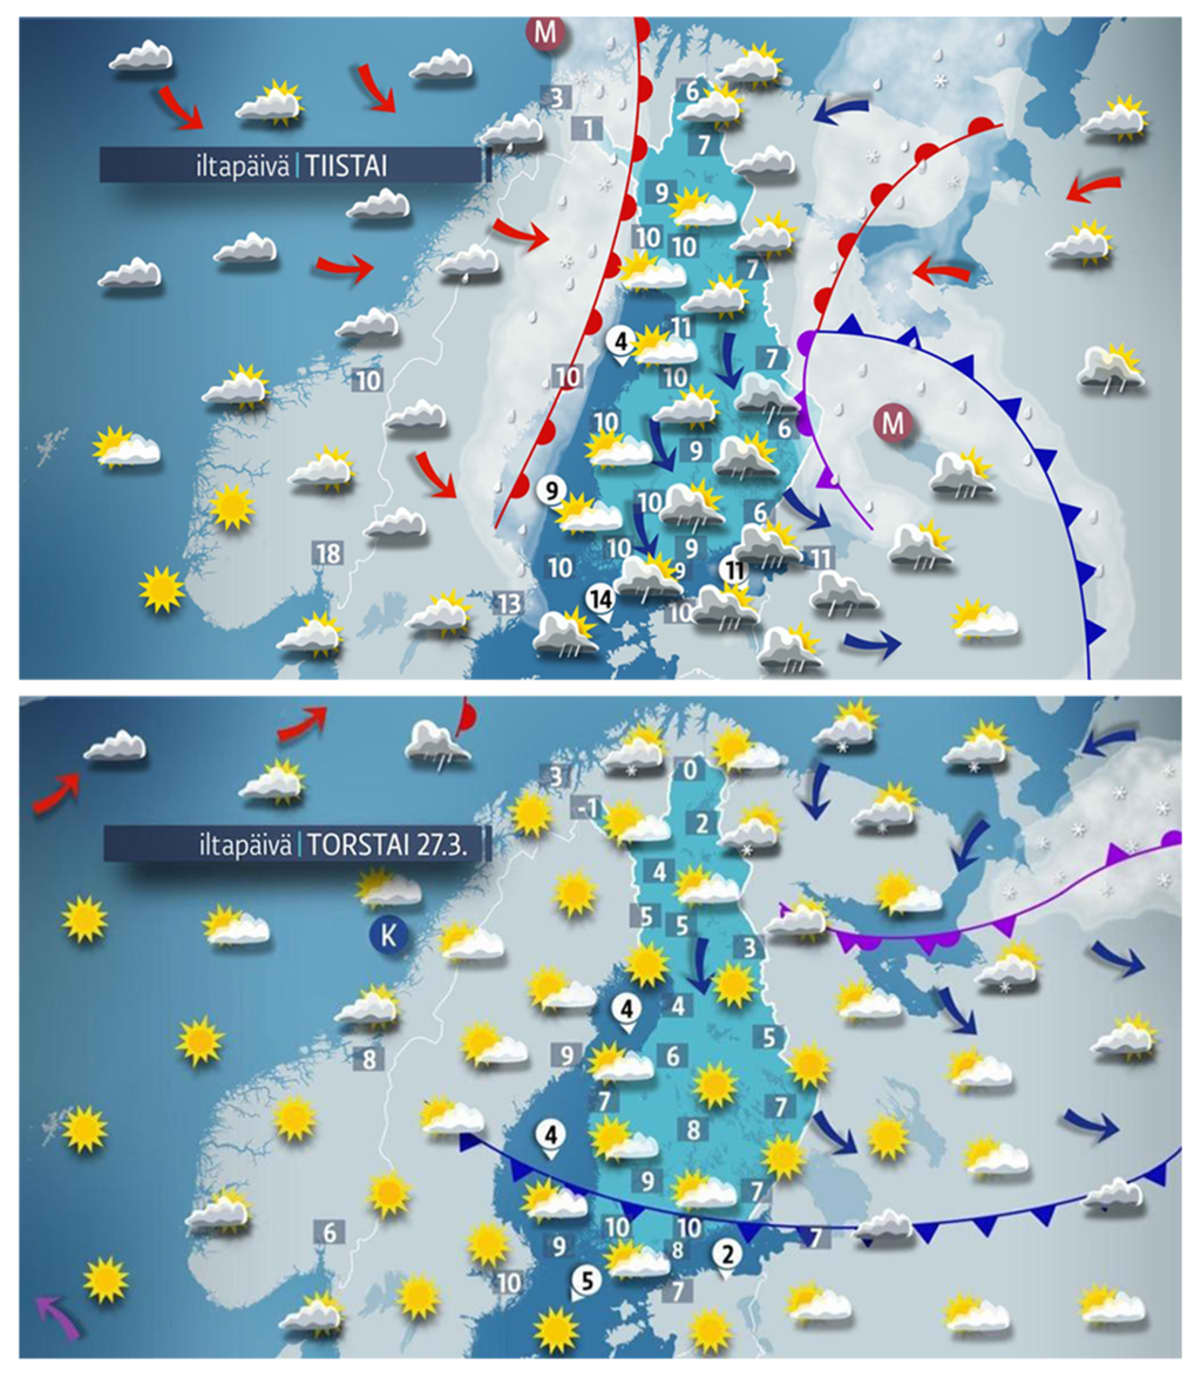 Juhannusviikon sää-vertailu maaliskuun 2014 sääkartan kanssa.